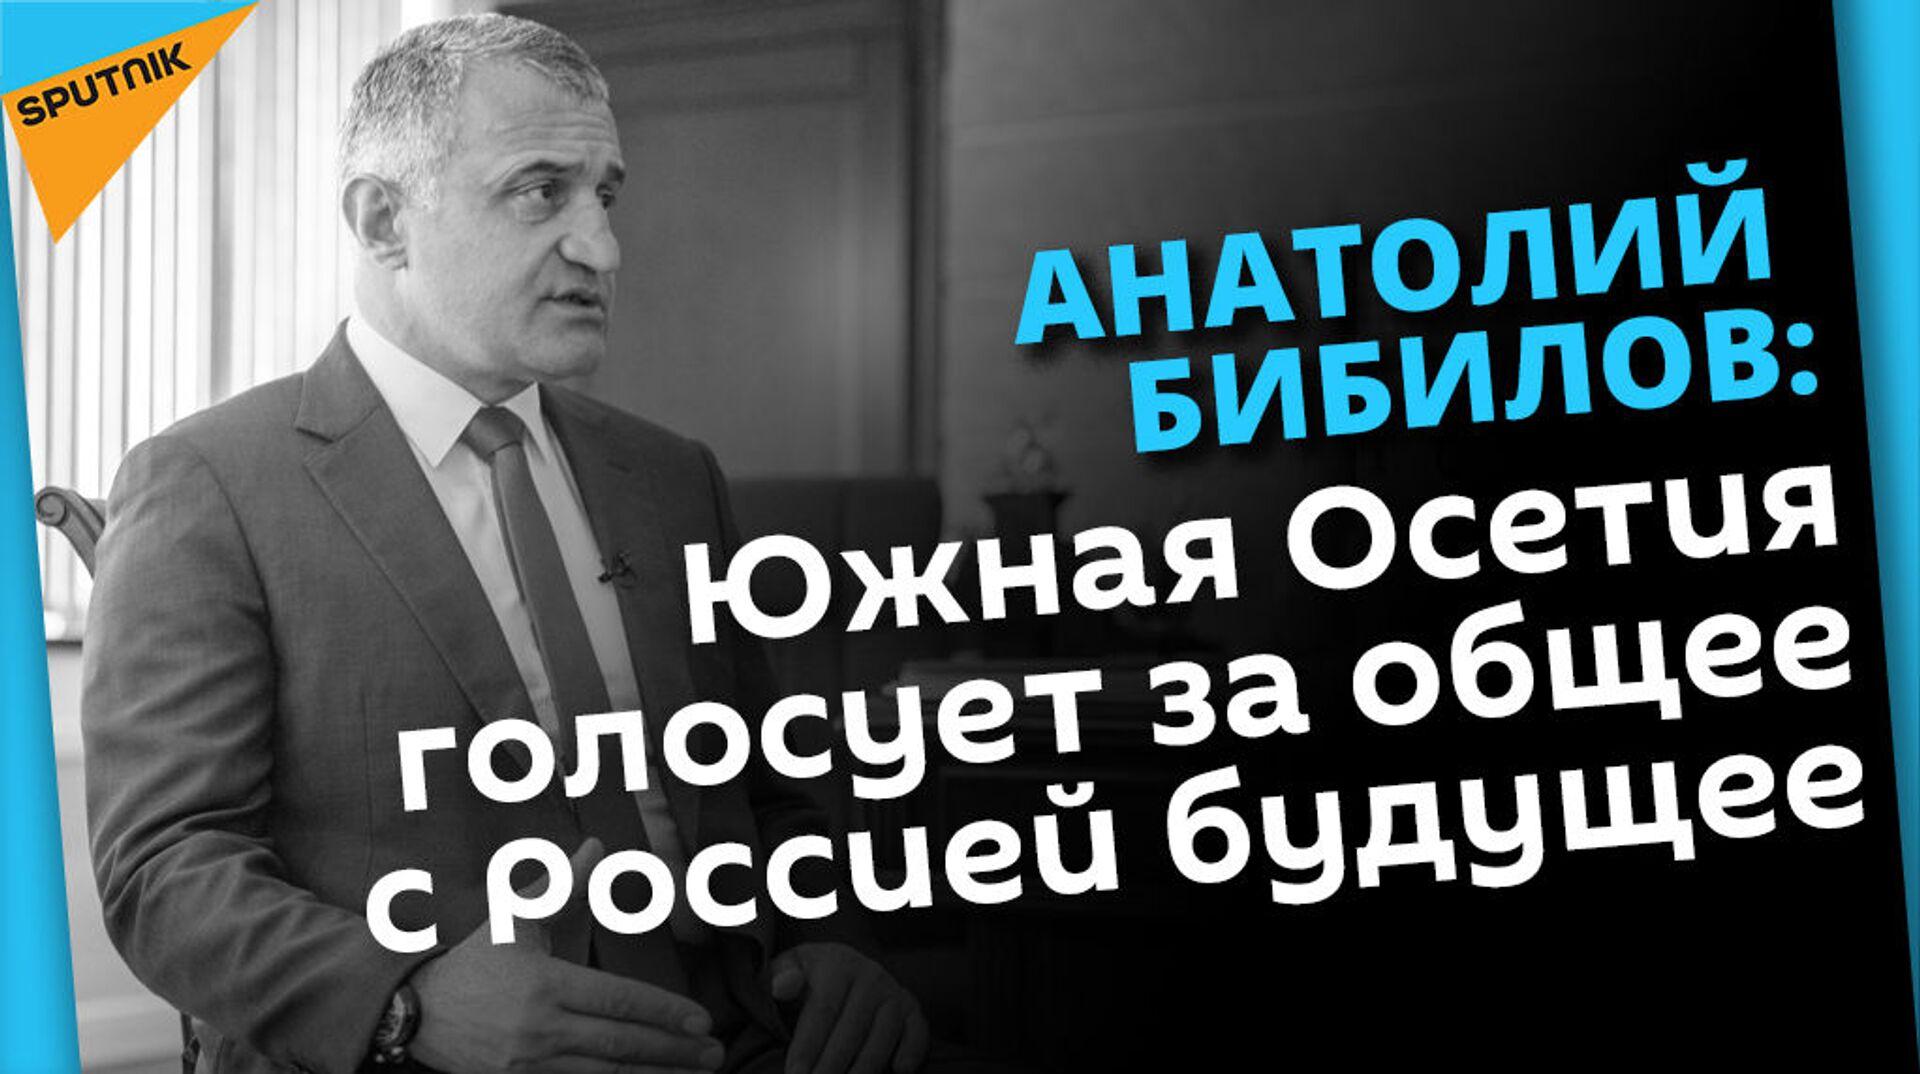 Президент Южной Осетии: выбирая будущее, важно помнить о прошлом - Sputnik Южная Осетия, 1920, 26.10.2021